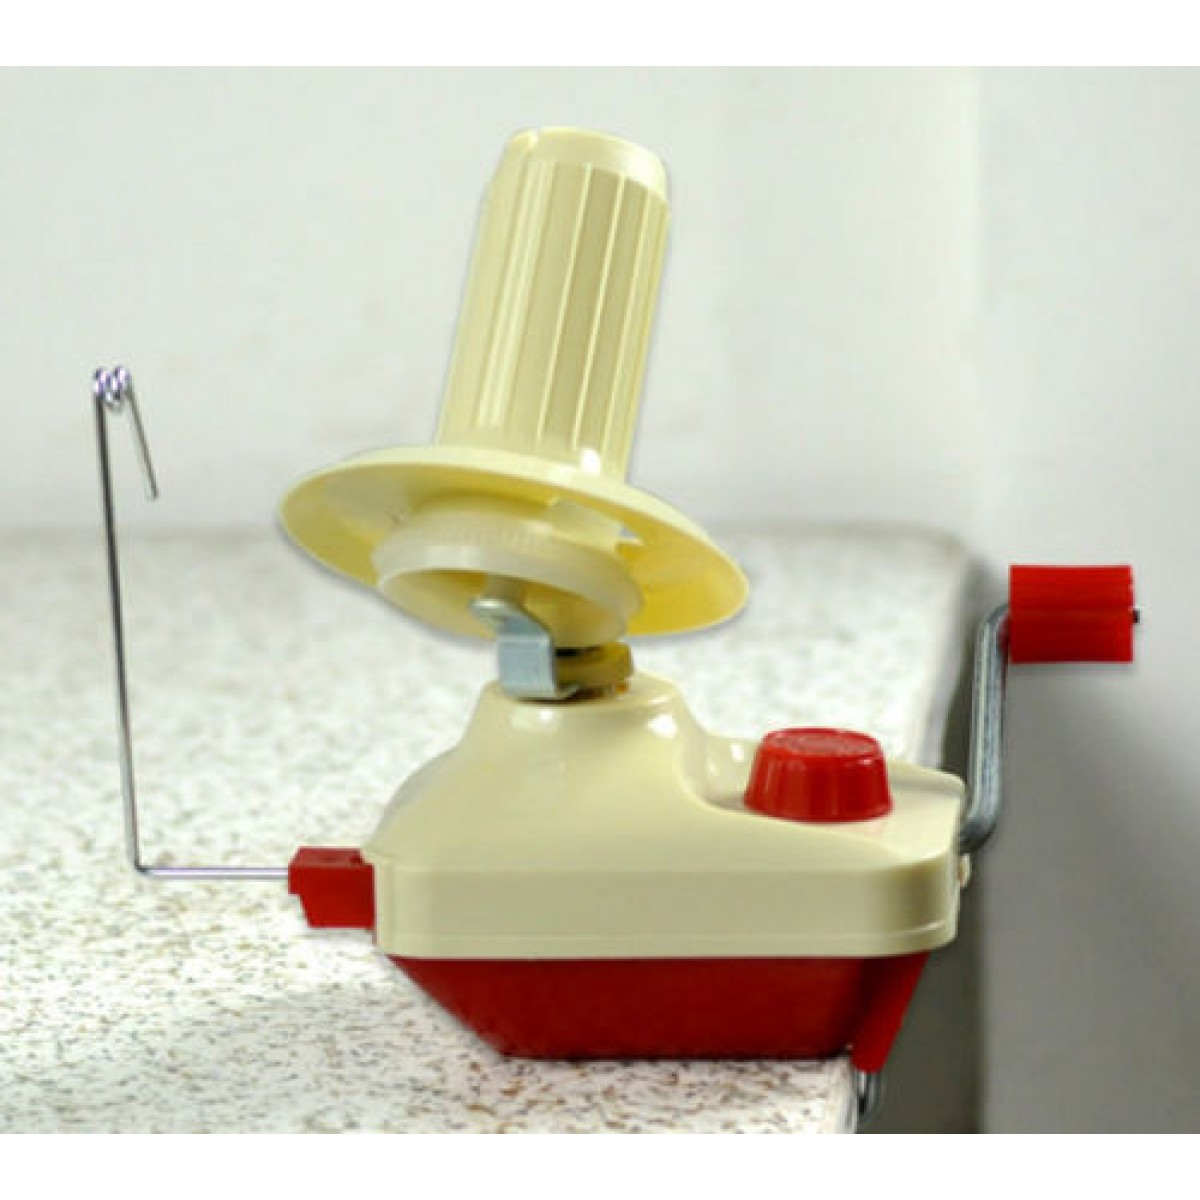 Krydsnøgle- apparat